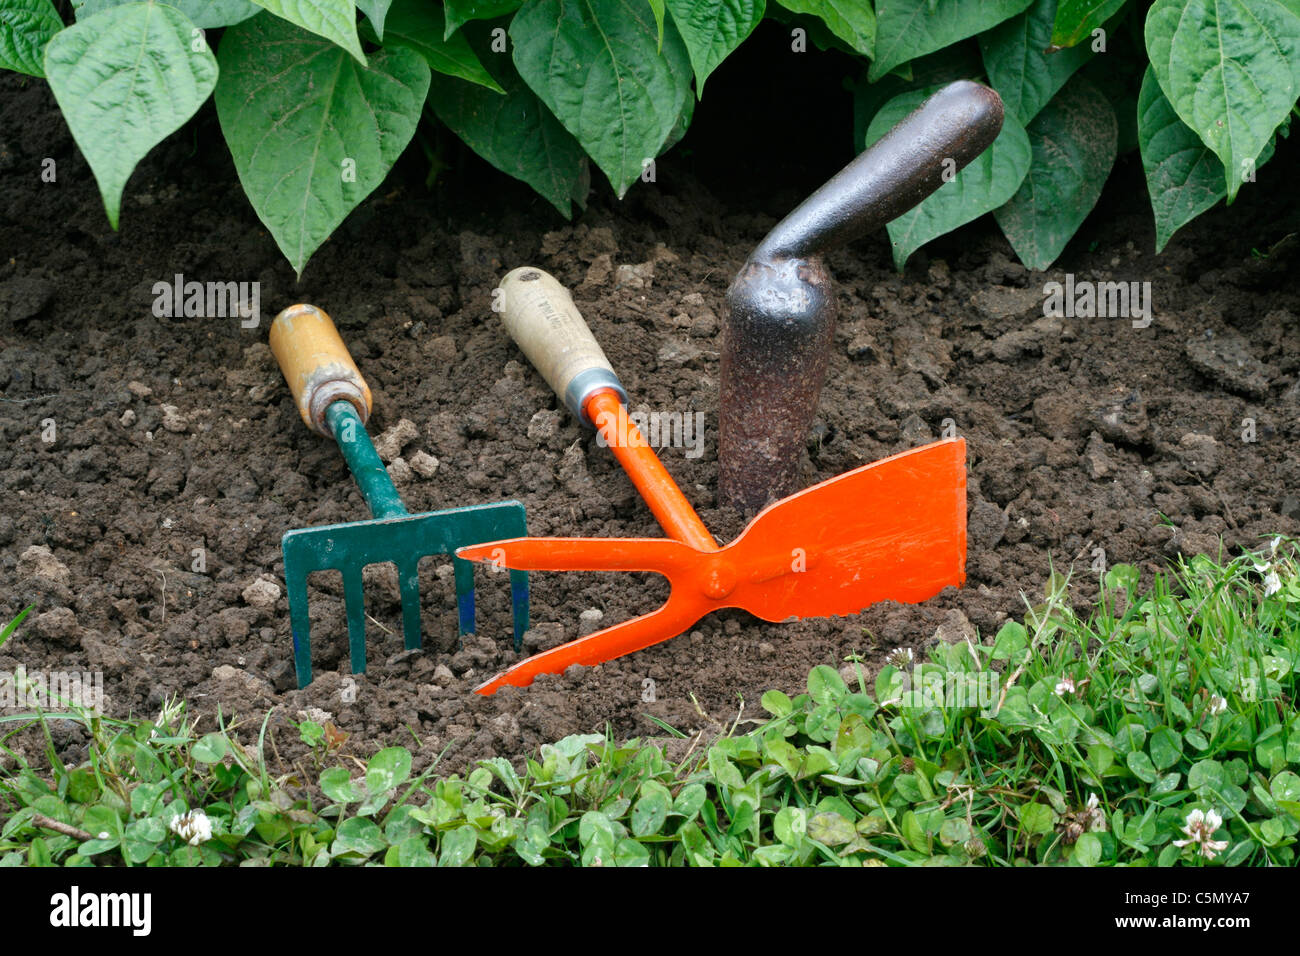 Small Garden Tools A Small Rake Small Garden Hoe